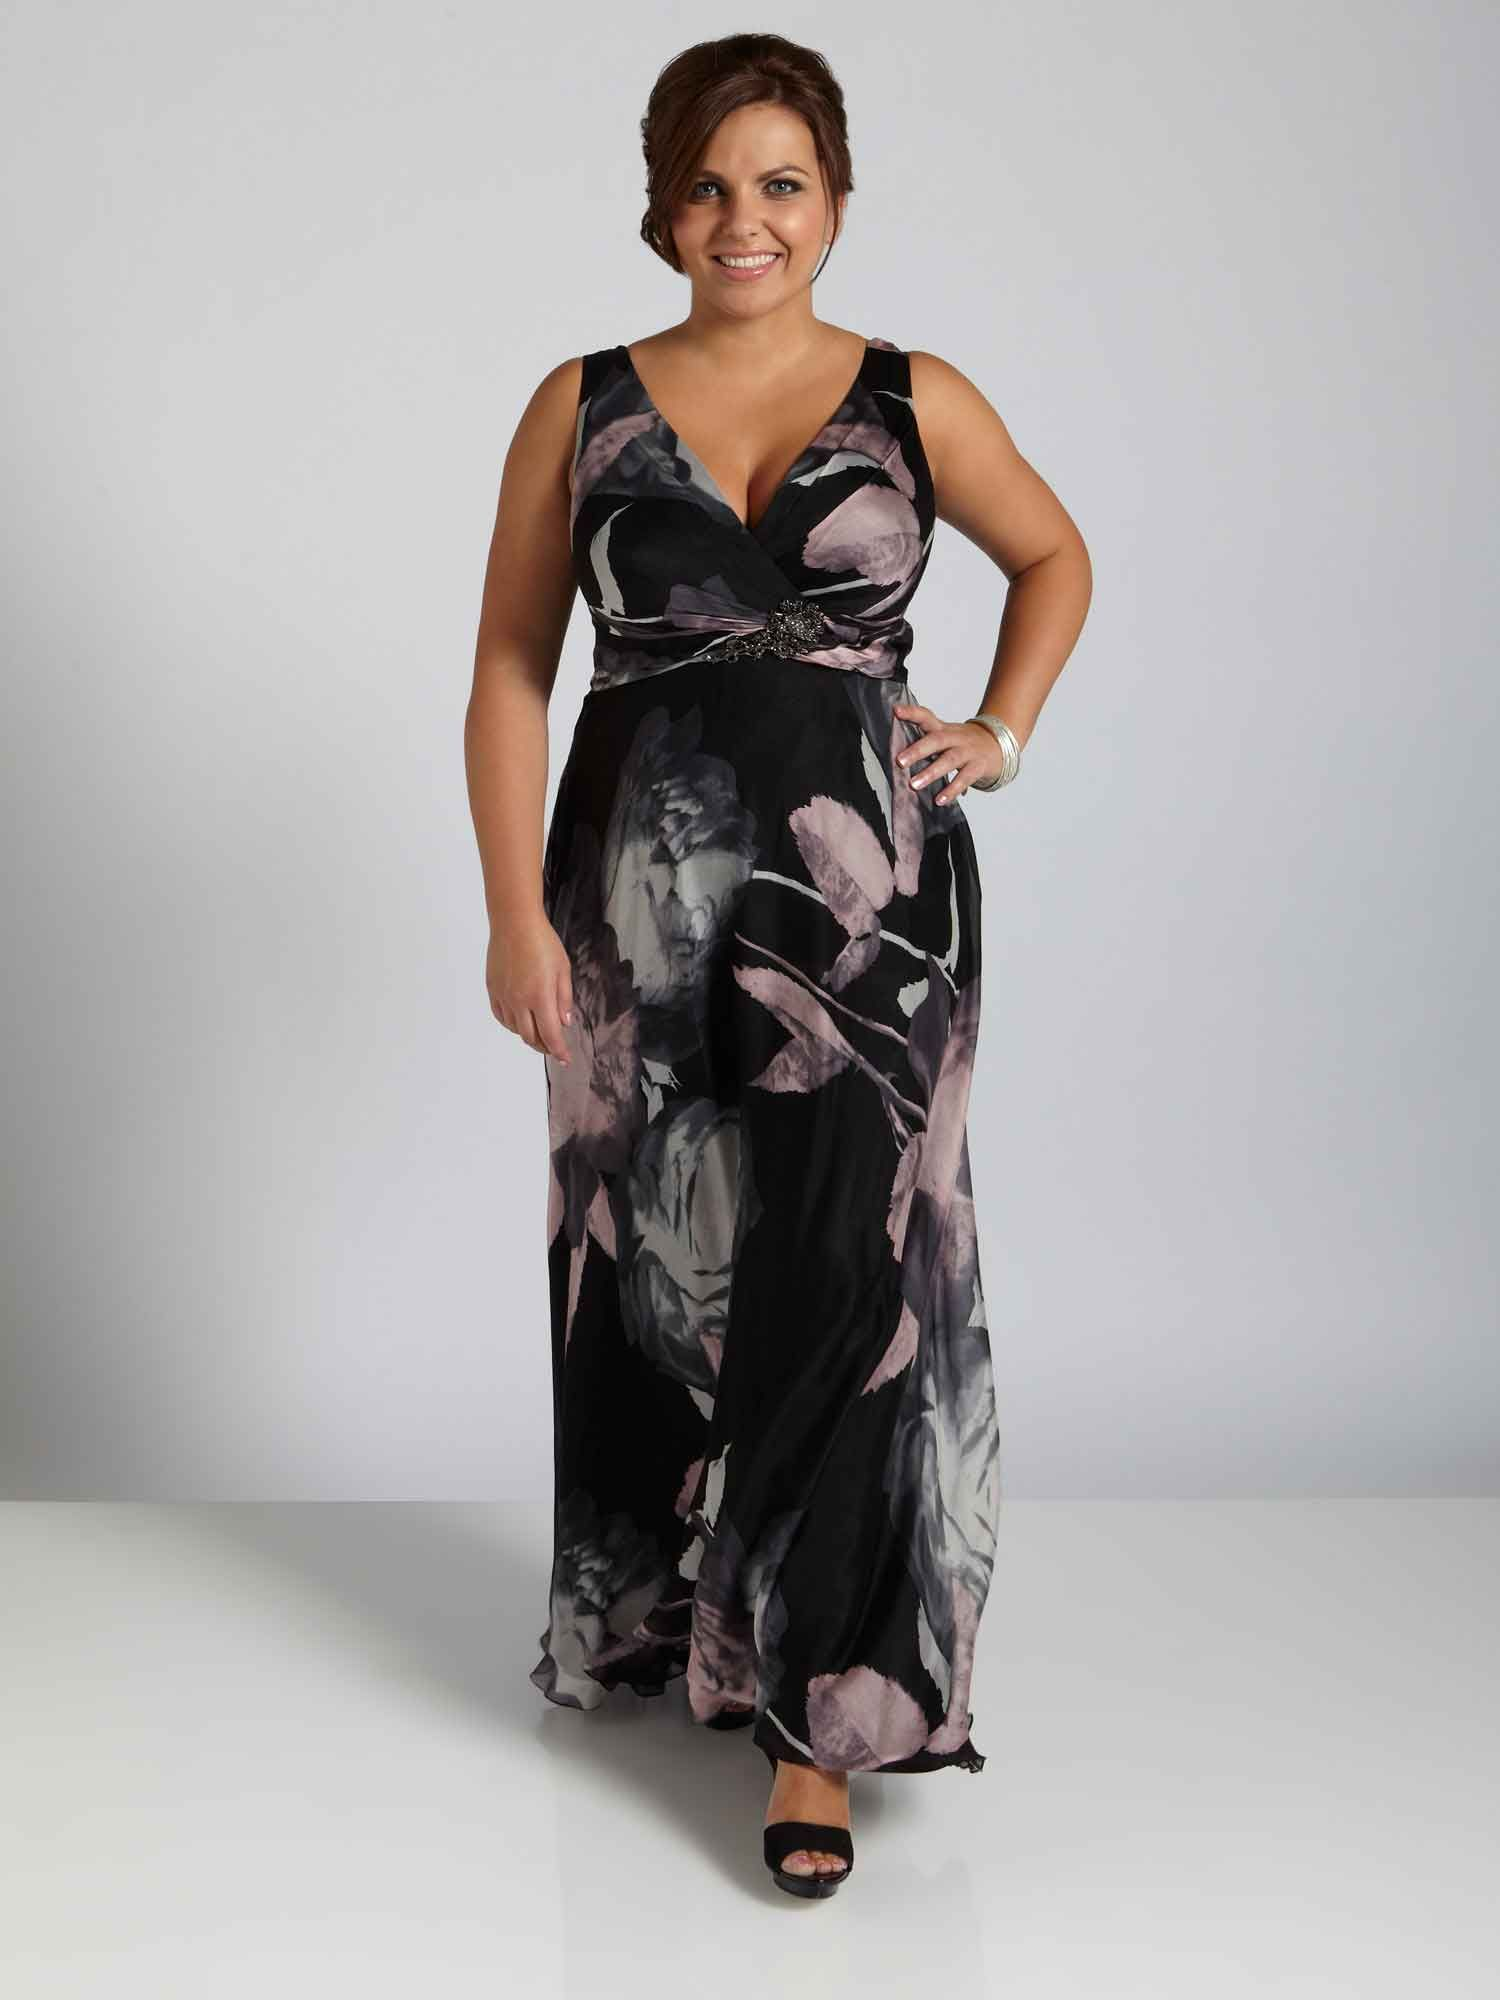 Pin By Rieksie B On Beautiful Plus Size Fashion Evening Dresses Plus Size Plus Size Fashionista Plus Size Fashion [ 2000 x 1500 Pixel ]